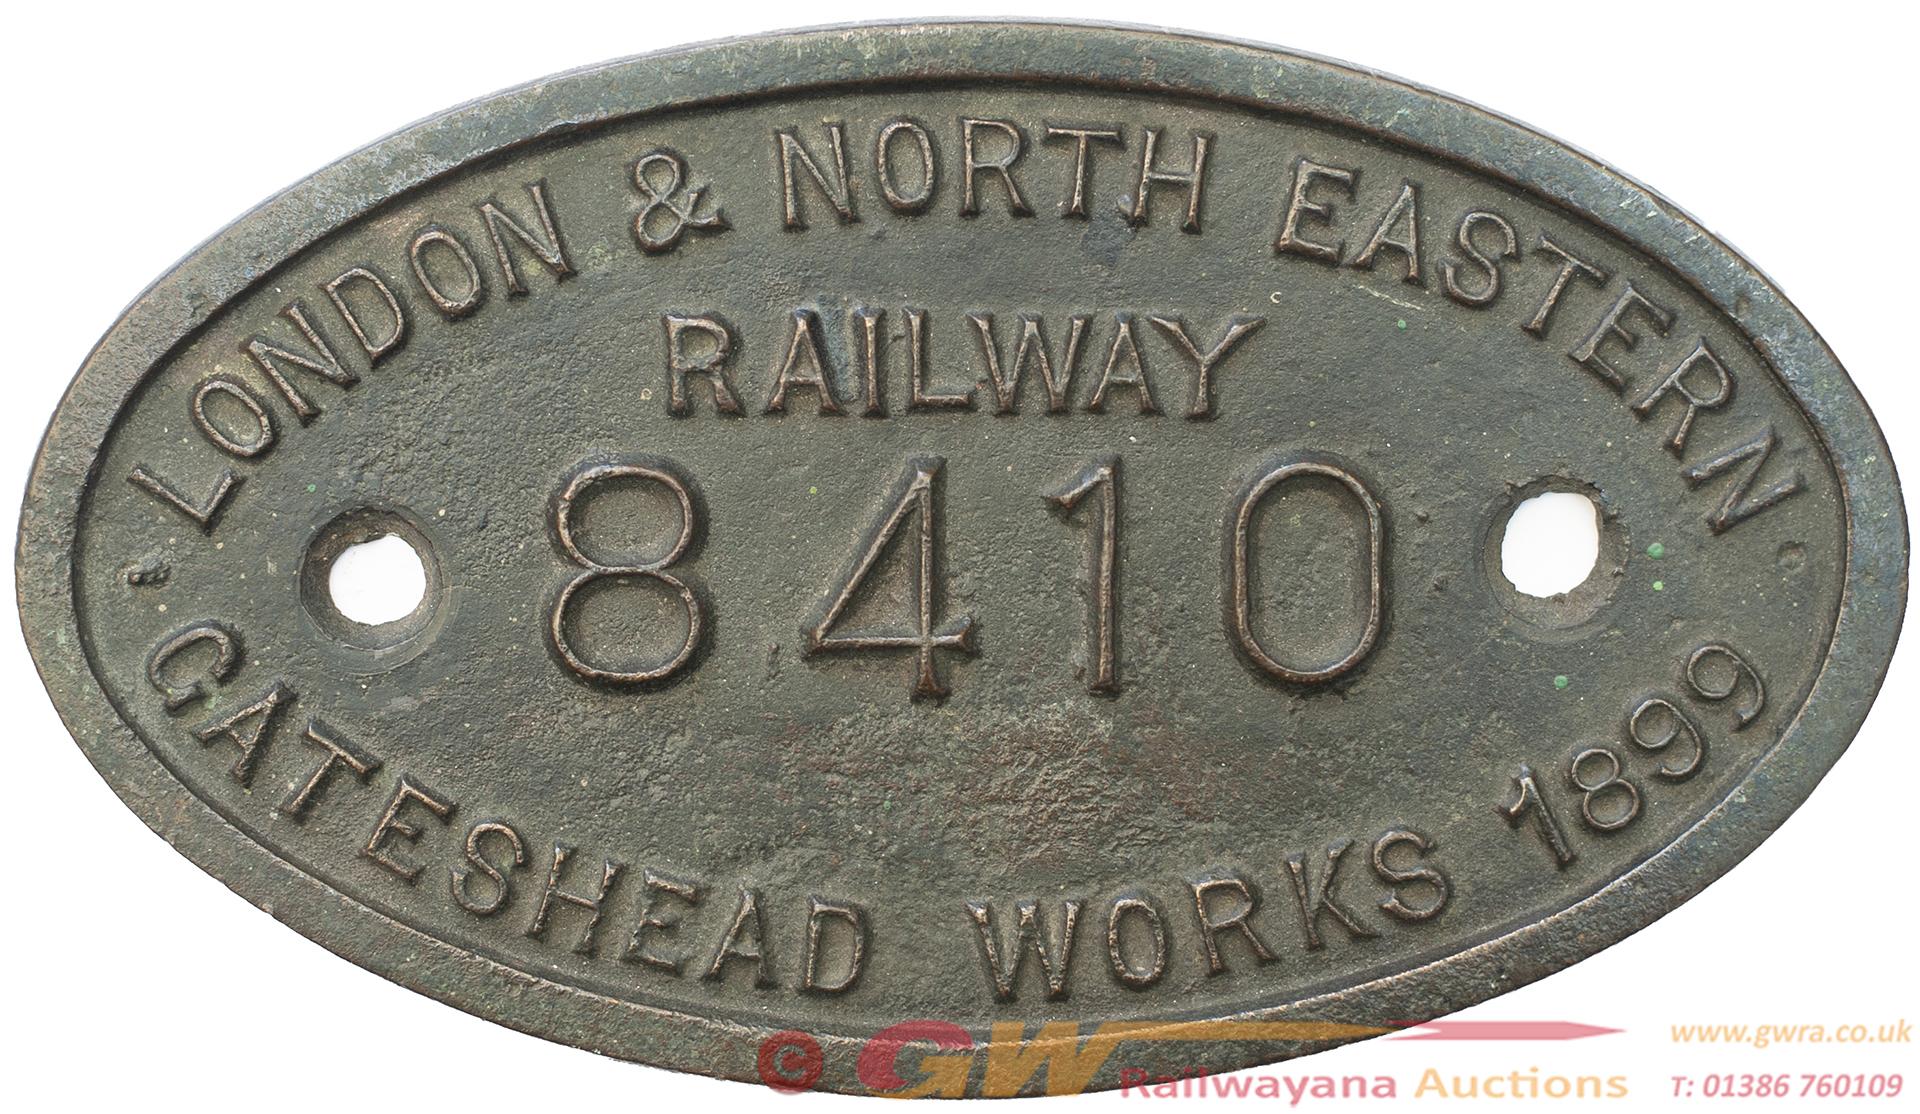 Tenderplate LONDON & NORTH EASTERN RAILWAY